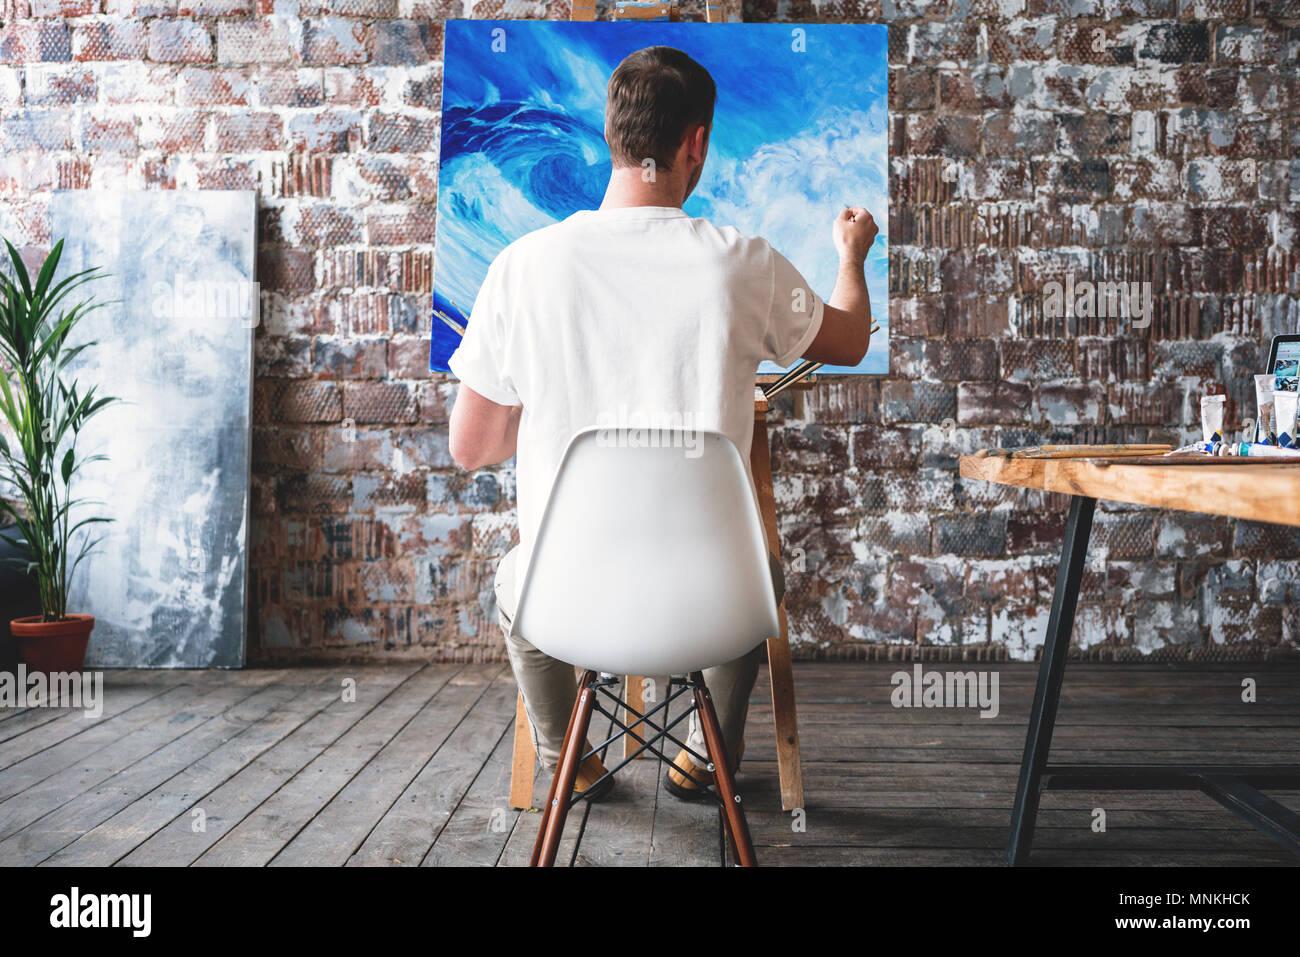 Mann Artist Sitzen Auf Stuhl Vor Die Leinwand Auf Staffelei Und